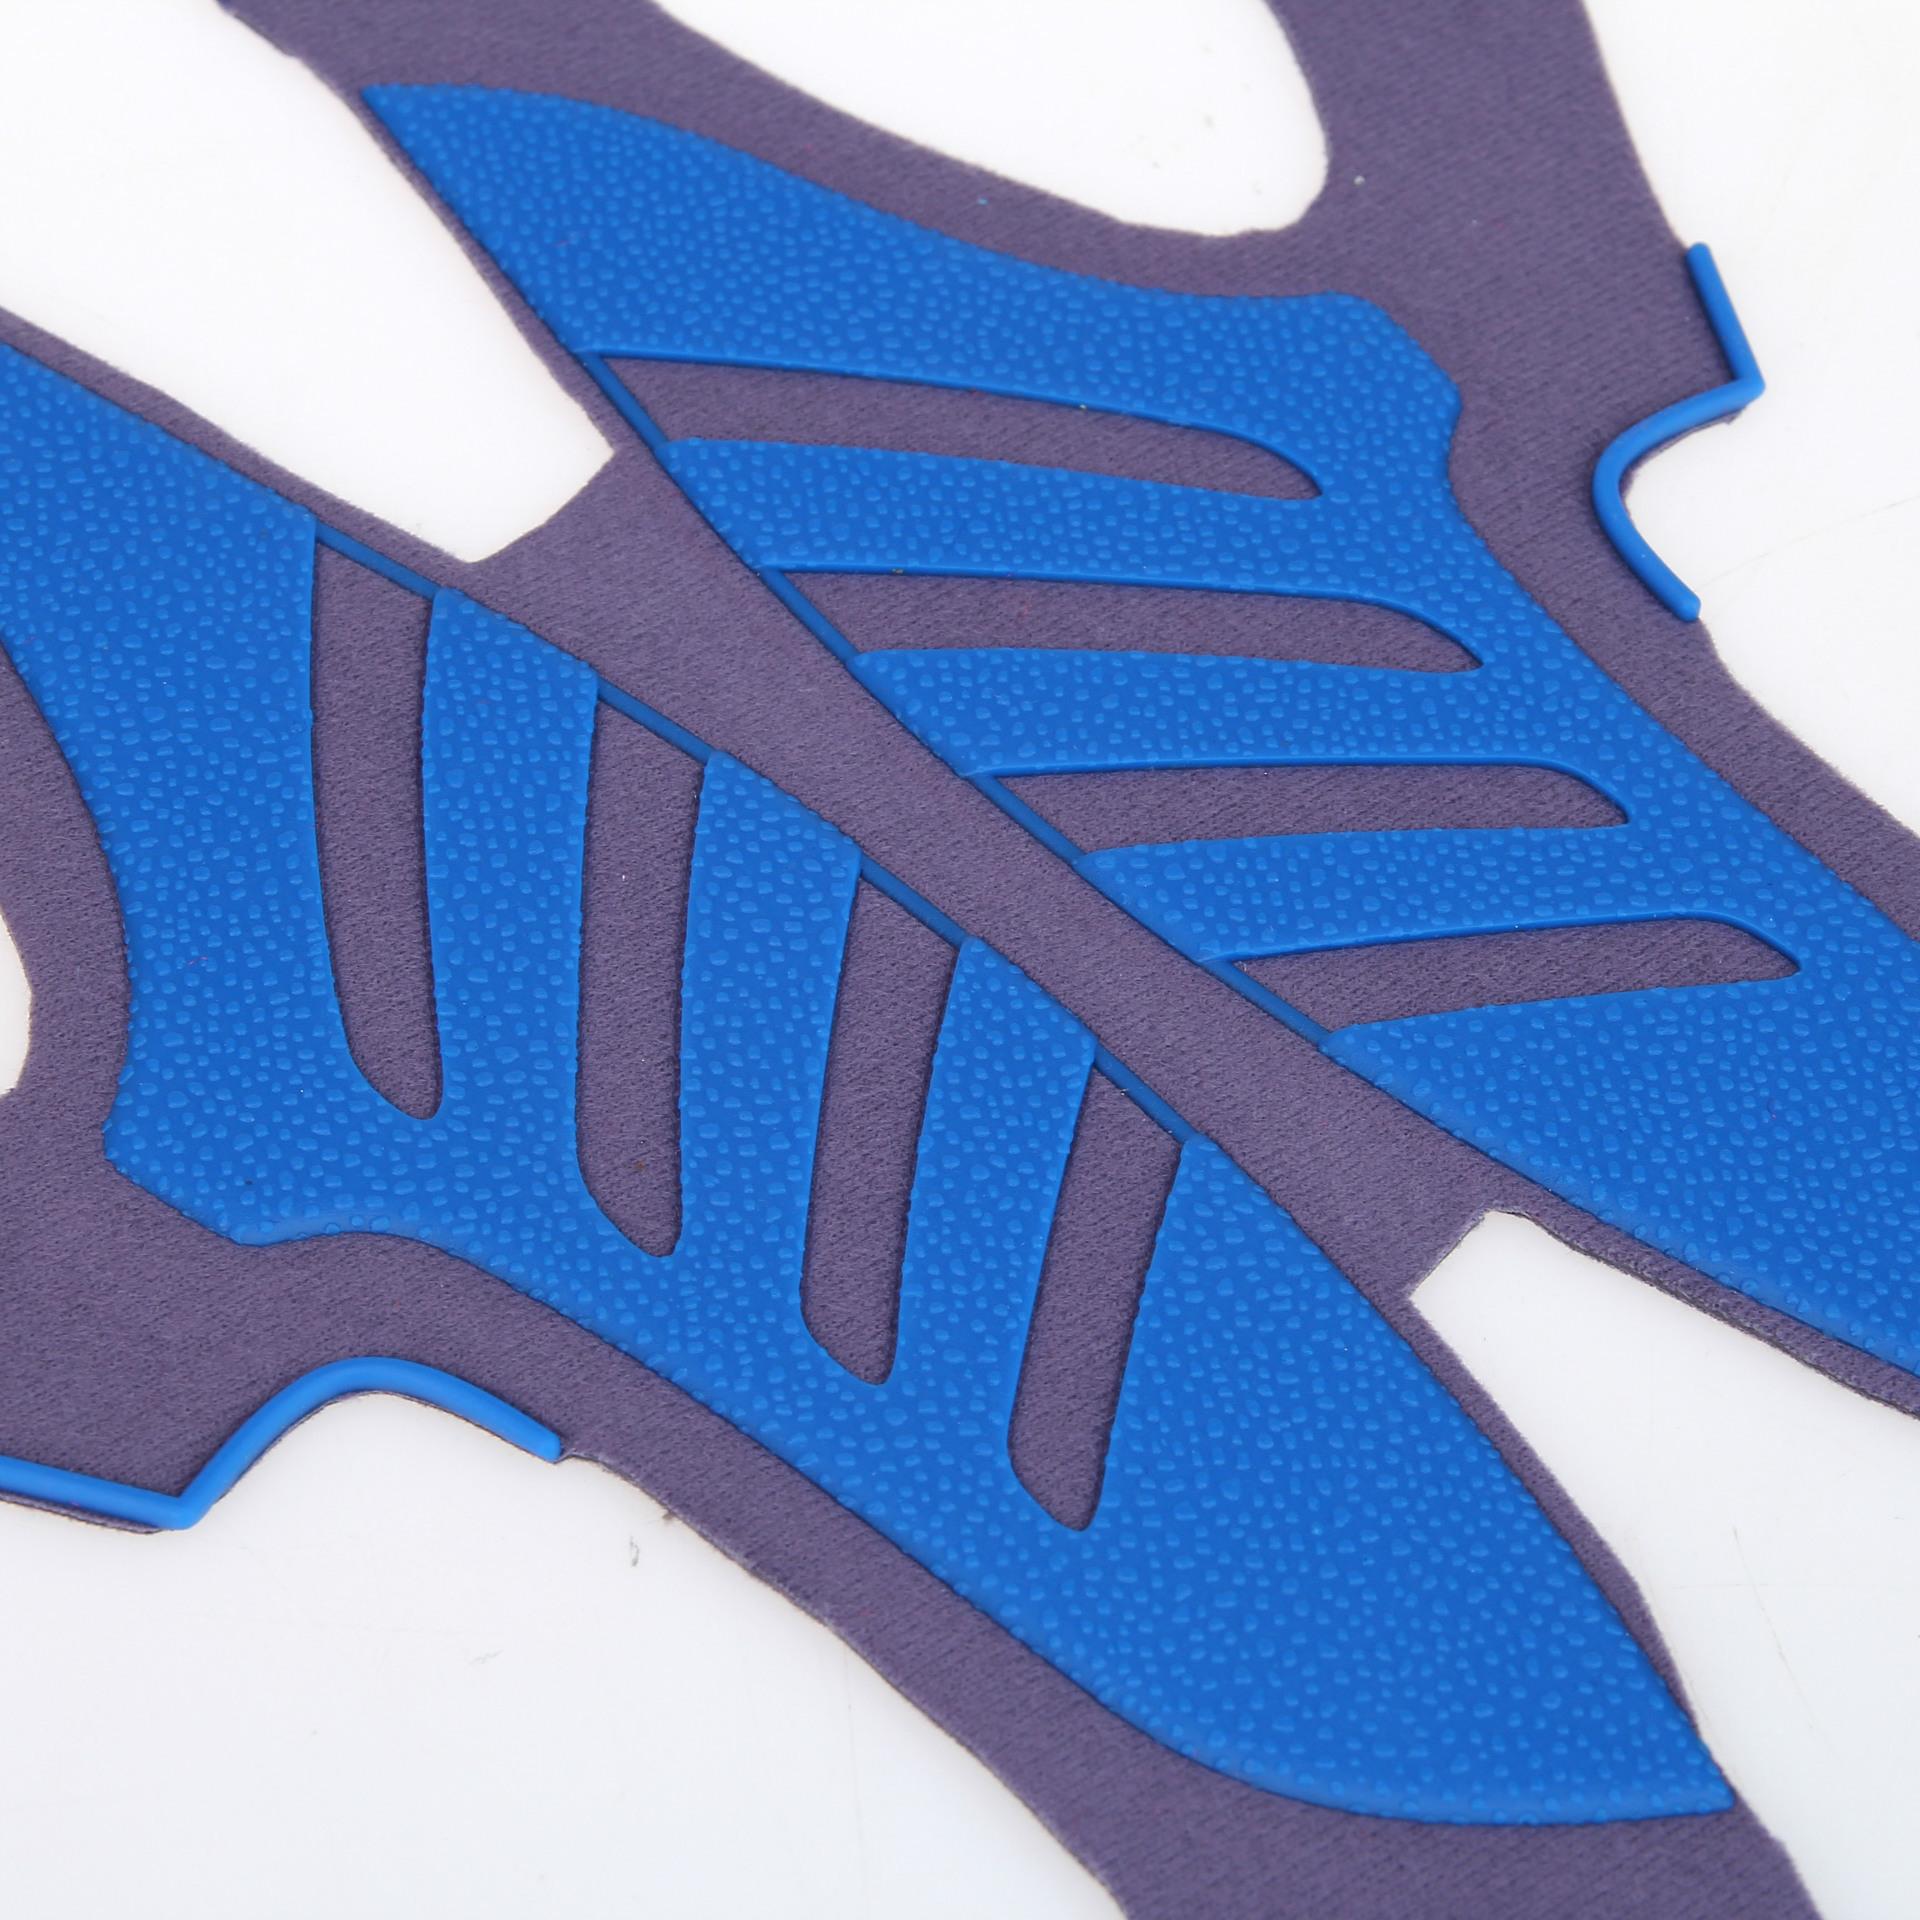 KPU鞋面加工logo 运动鞋鞋面加工 42码